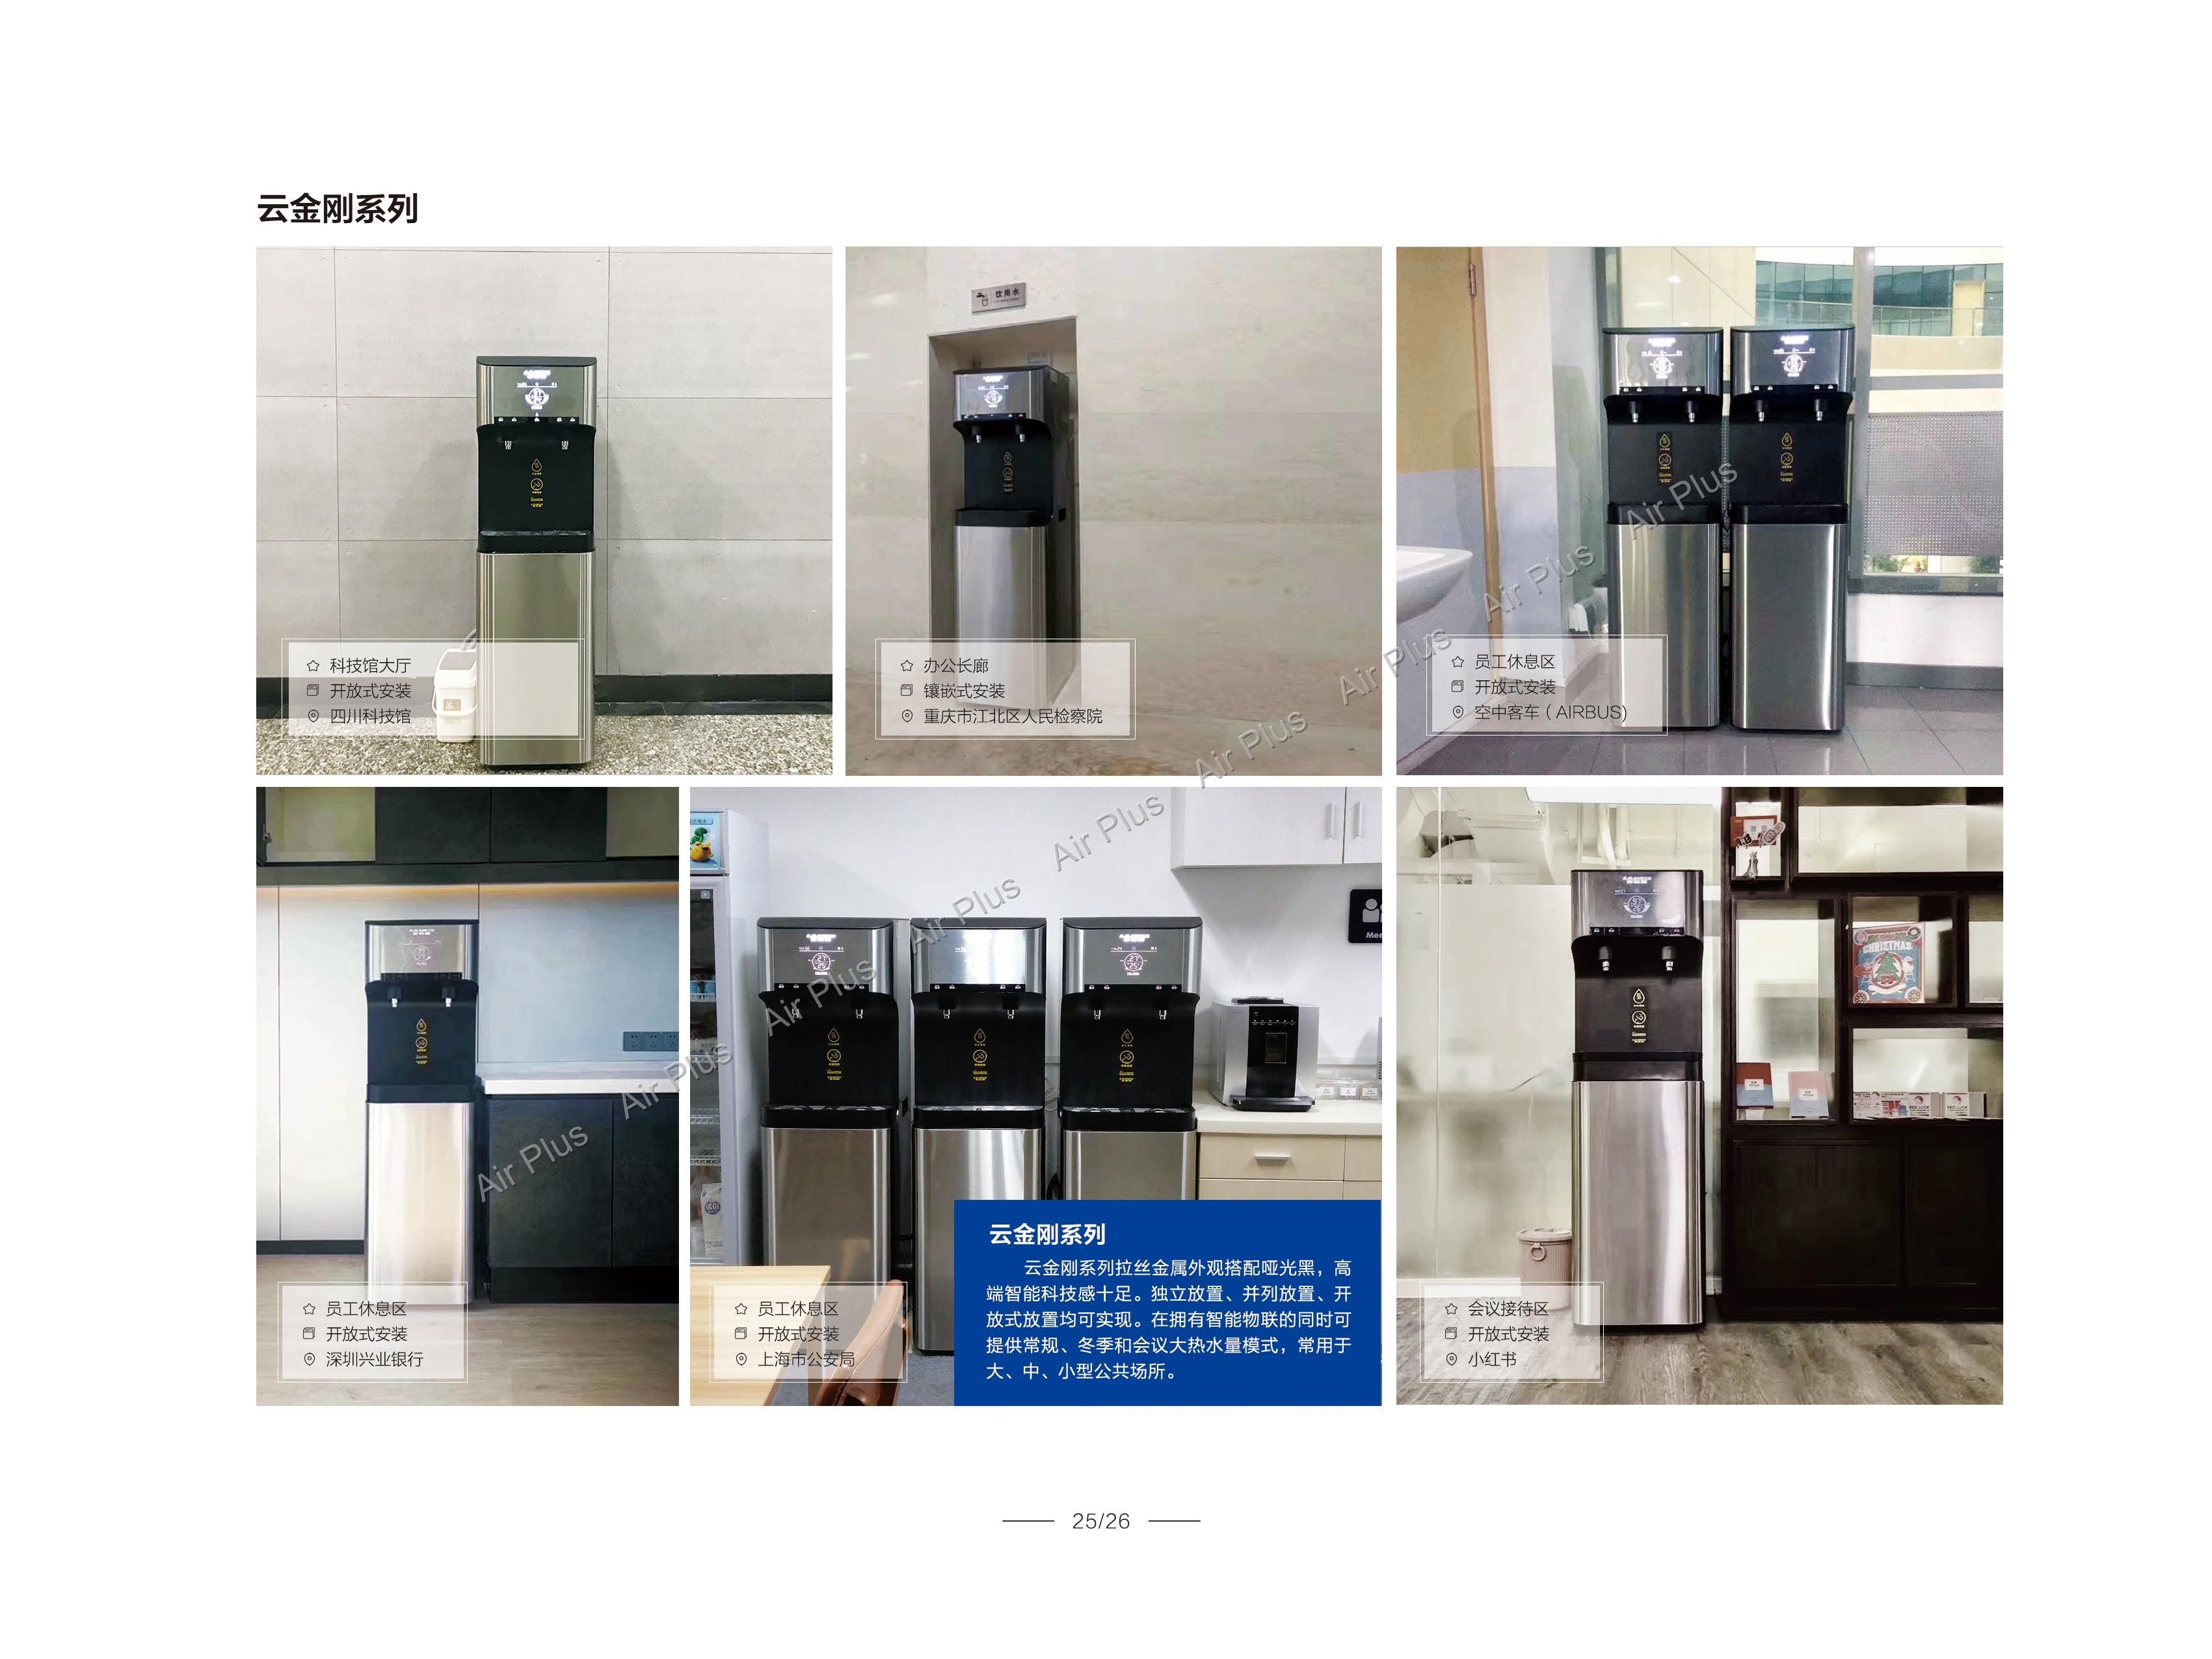 A.O.SMITH商用净水产品手册 手机端(1)_页面_27.jpg